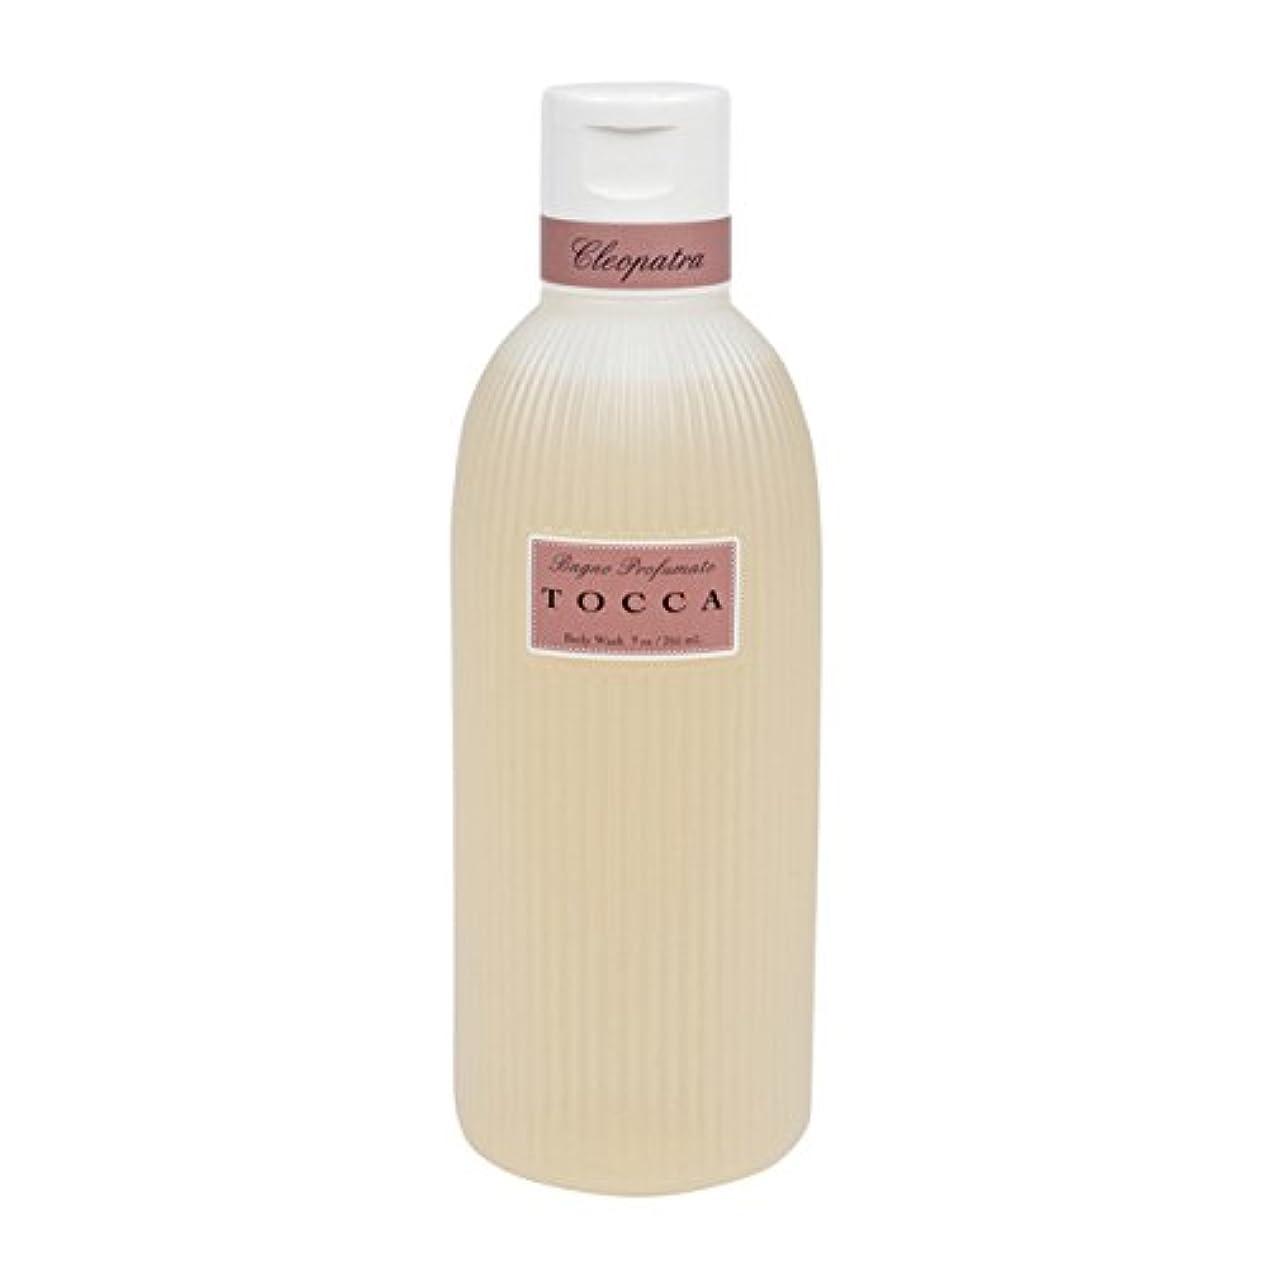 ささやき教育するマーティンルーサーキングジュニアトッカ(TOCCA) ボディーケアウォッシュ クレオパトラの香り 266ml(全身用洗浄料 ボディーソープ グレープフルーツとキューカンバーのフレッシュでクリーンな香り)